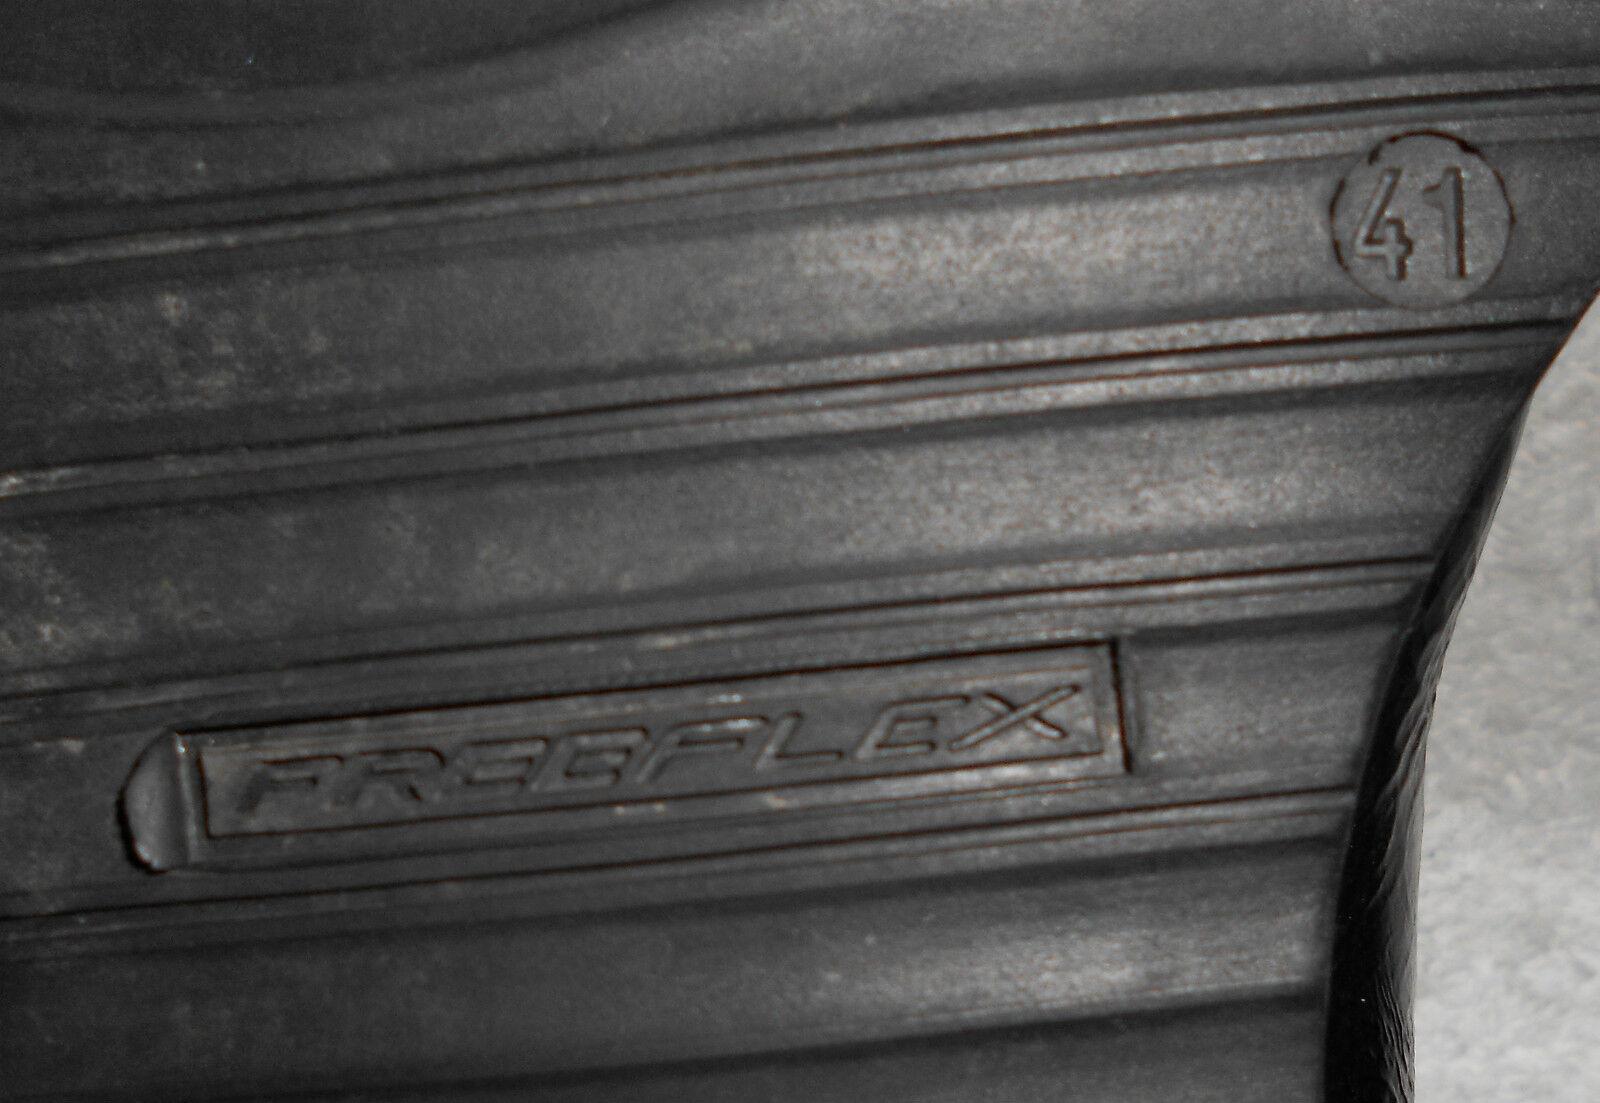 BÉRYL bottes plates zippées zippées zippées cuir verni noir P 41 TBE 2f9a40